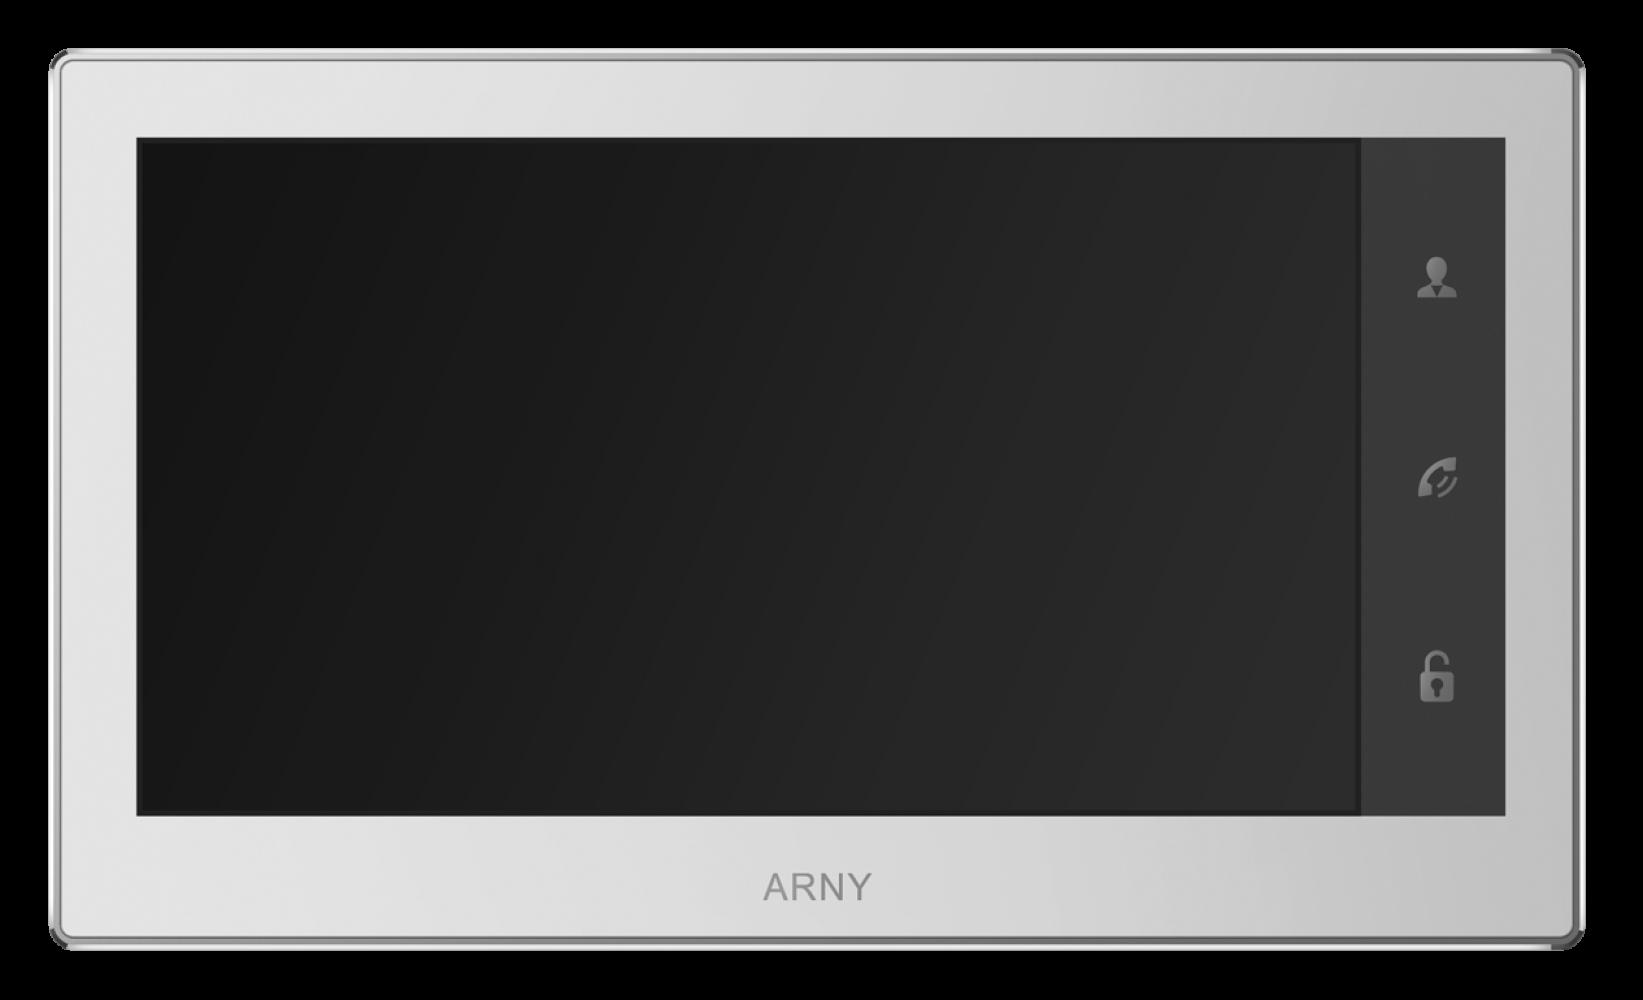 Arny AVD-740